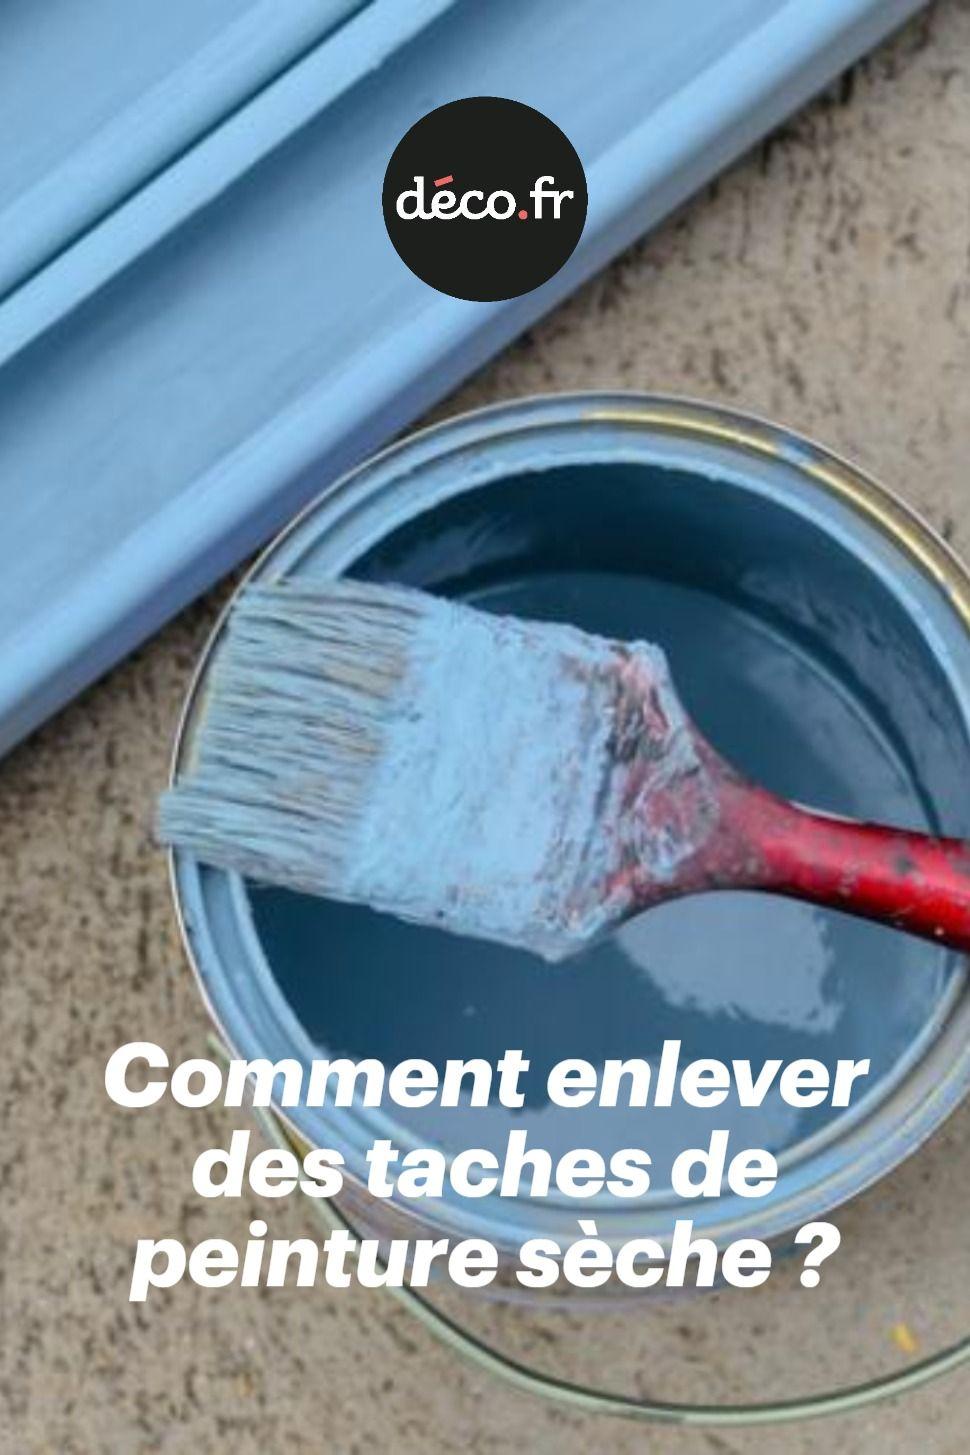 Comment Enlever Des Taches De Peinture Seche En 2020 Tache Peinture Trucs Et Astuces Maison Astuce Menage